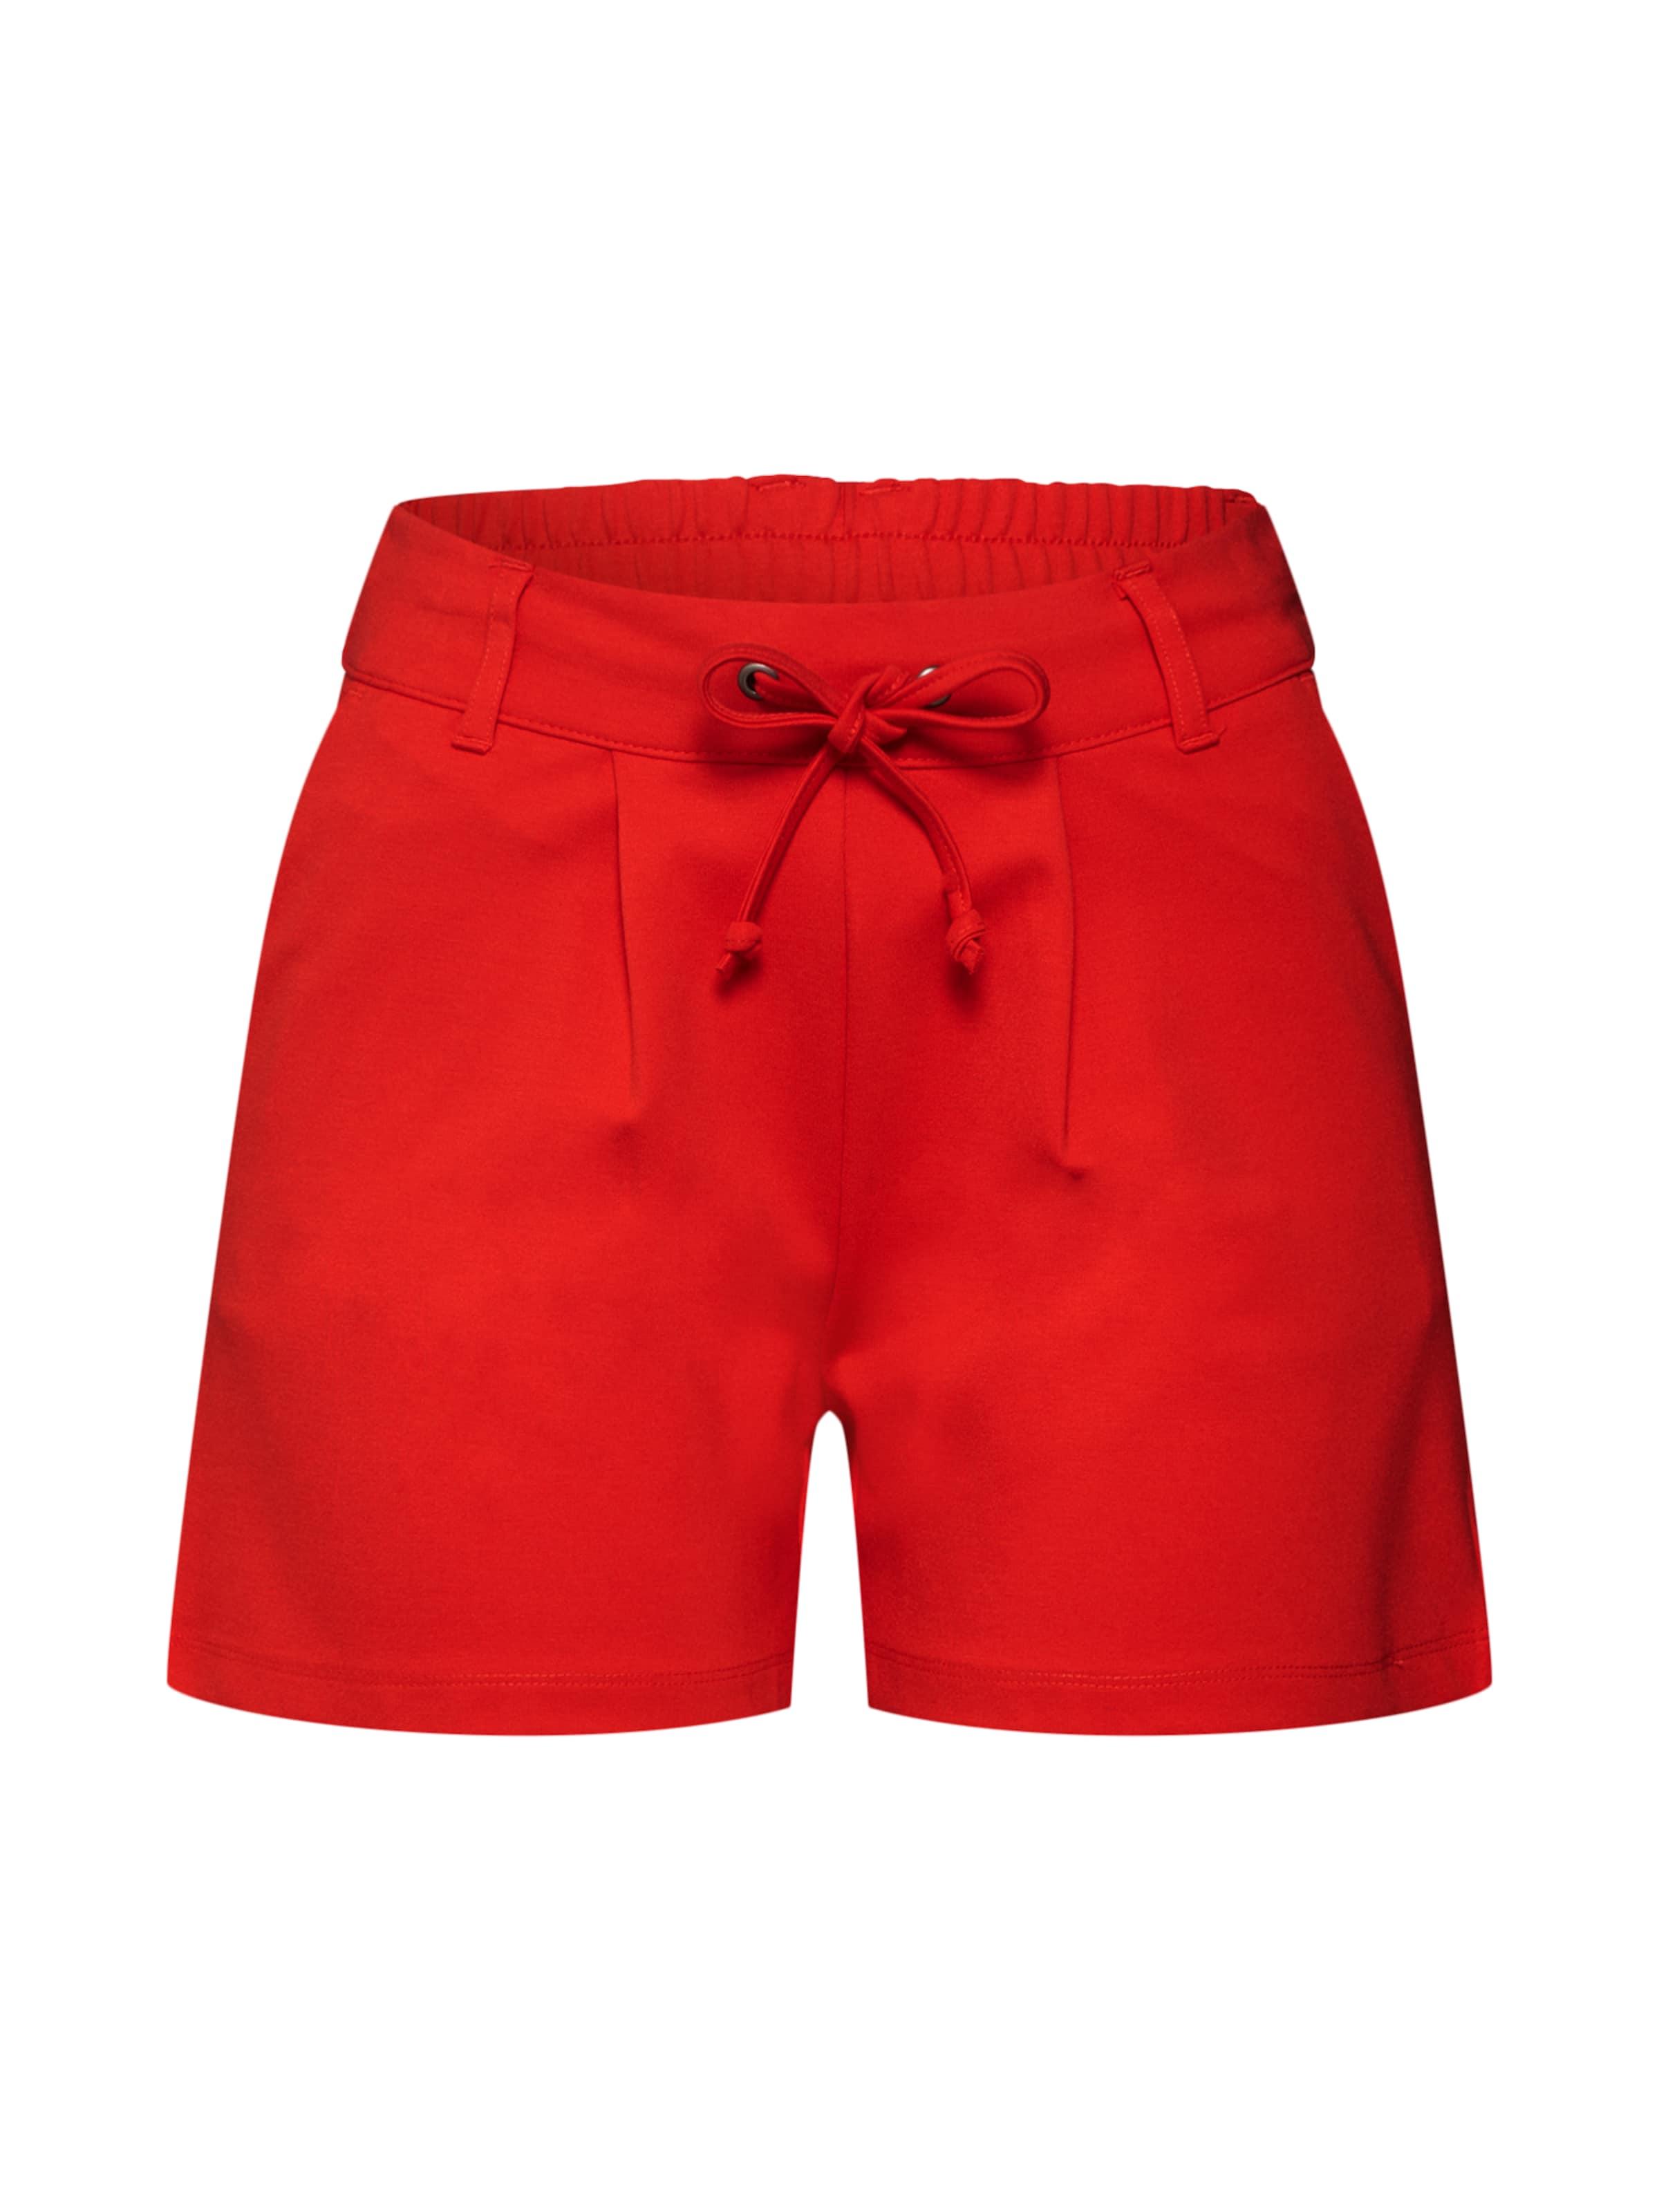 Pantalon Rouge En Jacqueline De Yong WIH29YDE